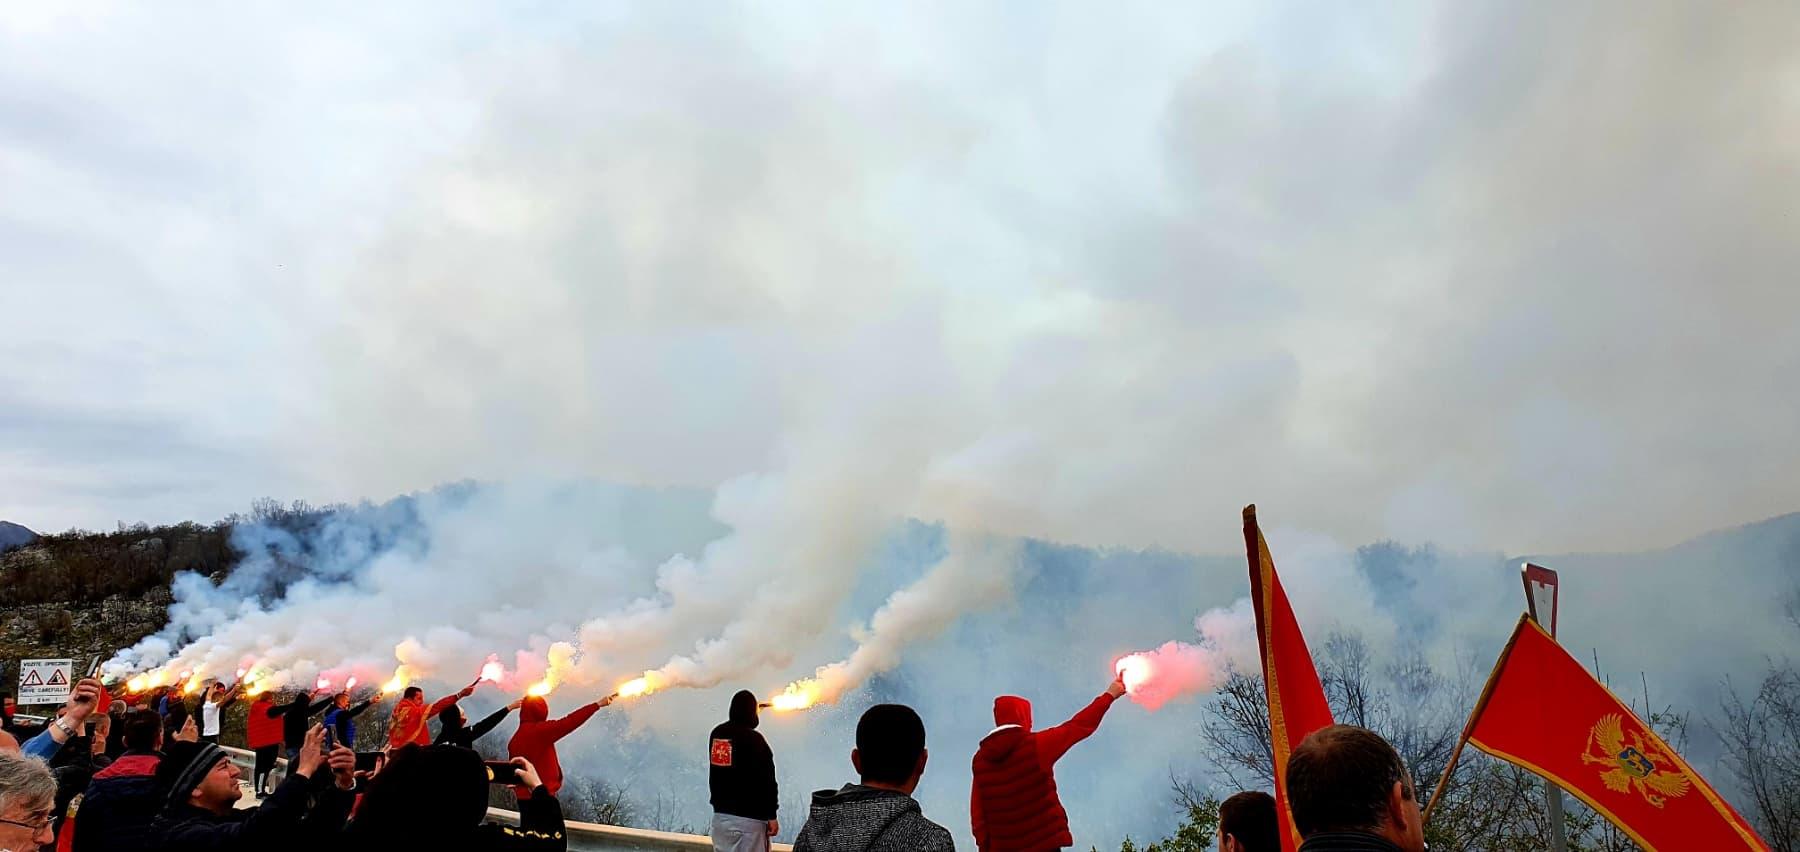 Završena blokada na Bogetićima: Bakljada i crnogorsko kolo